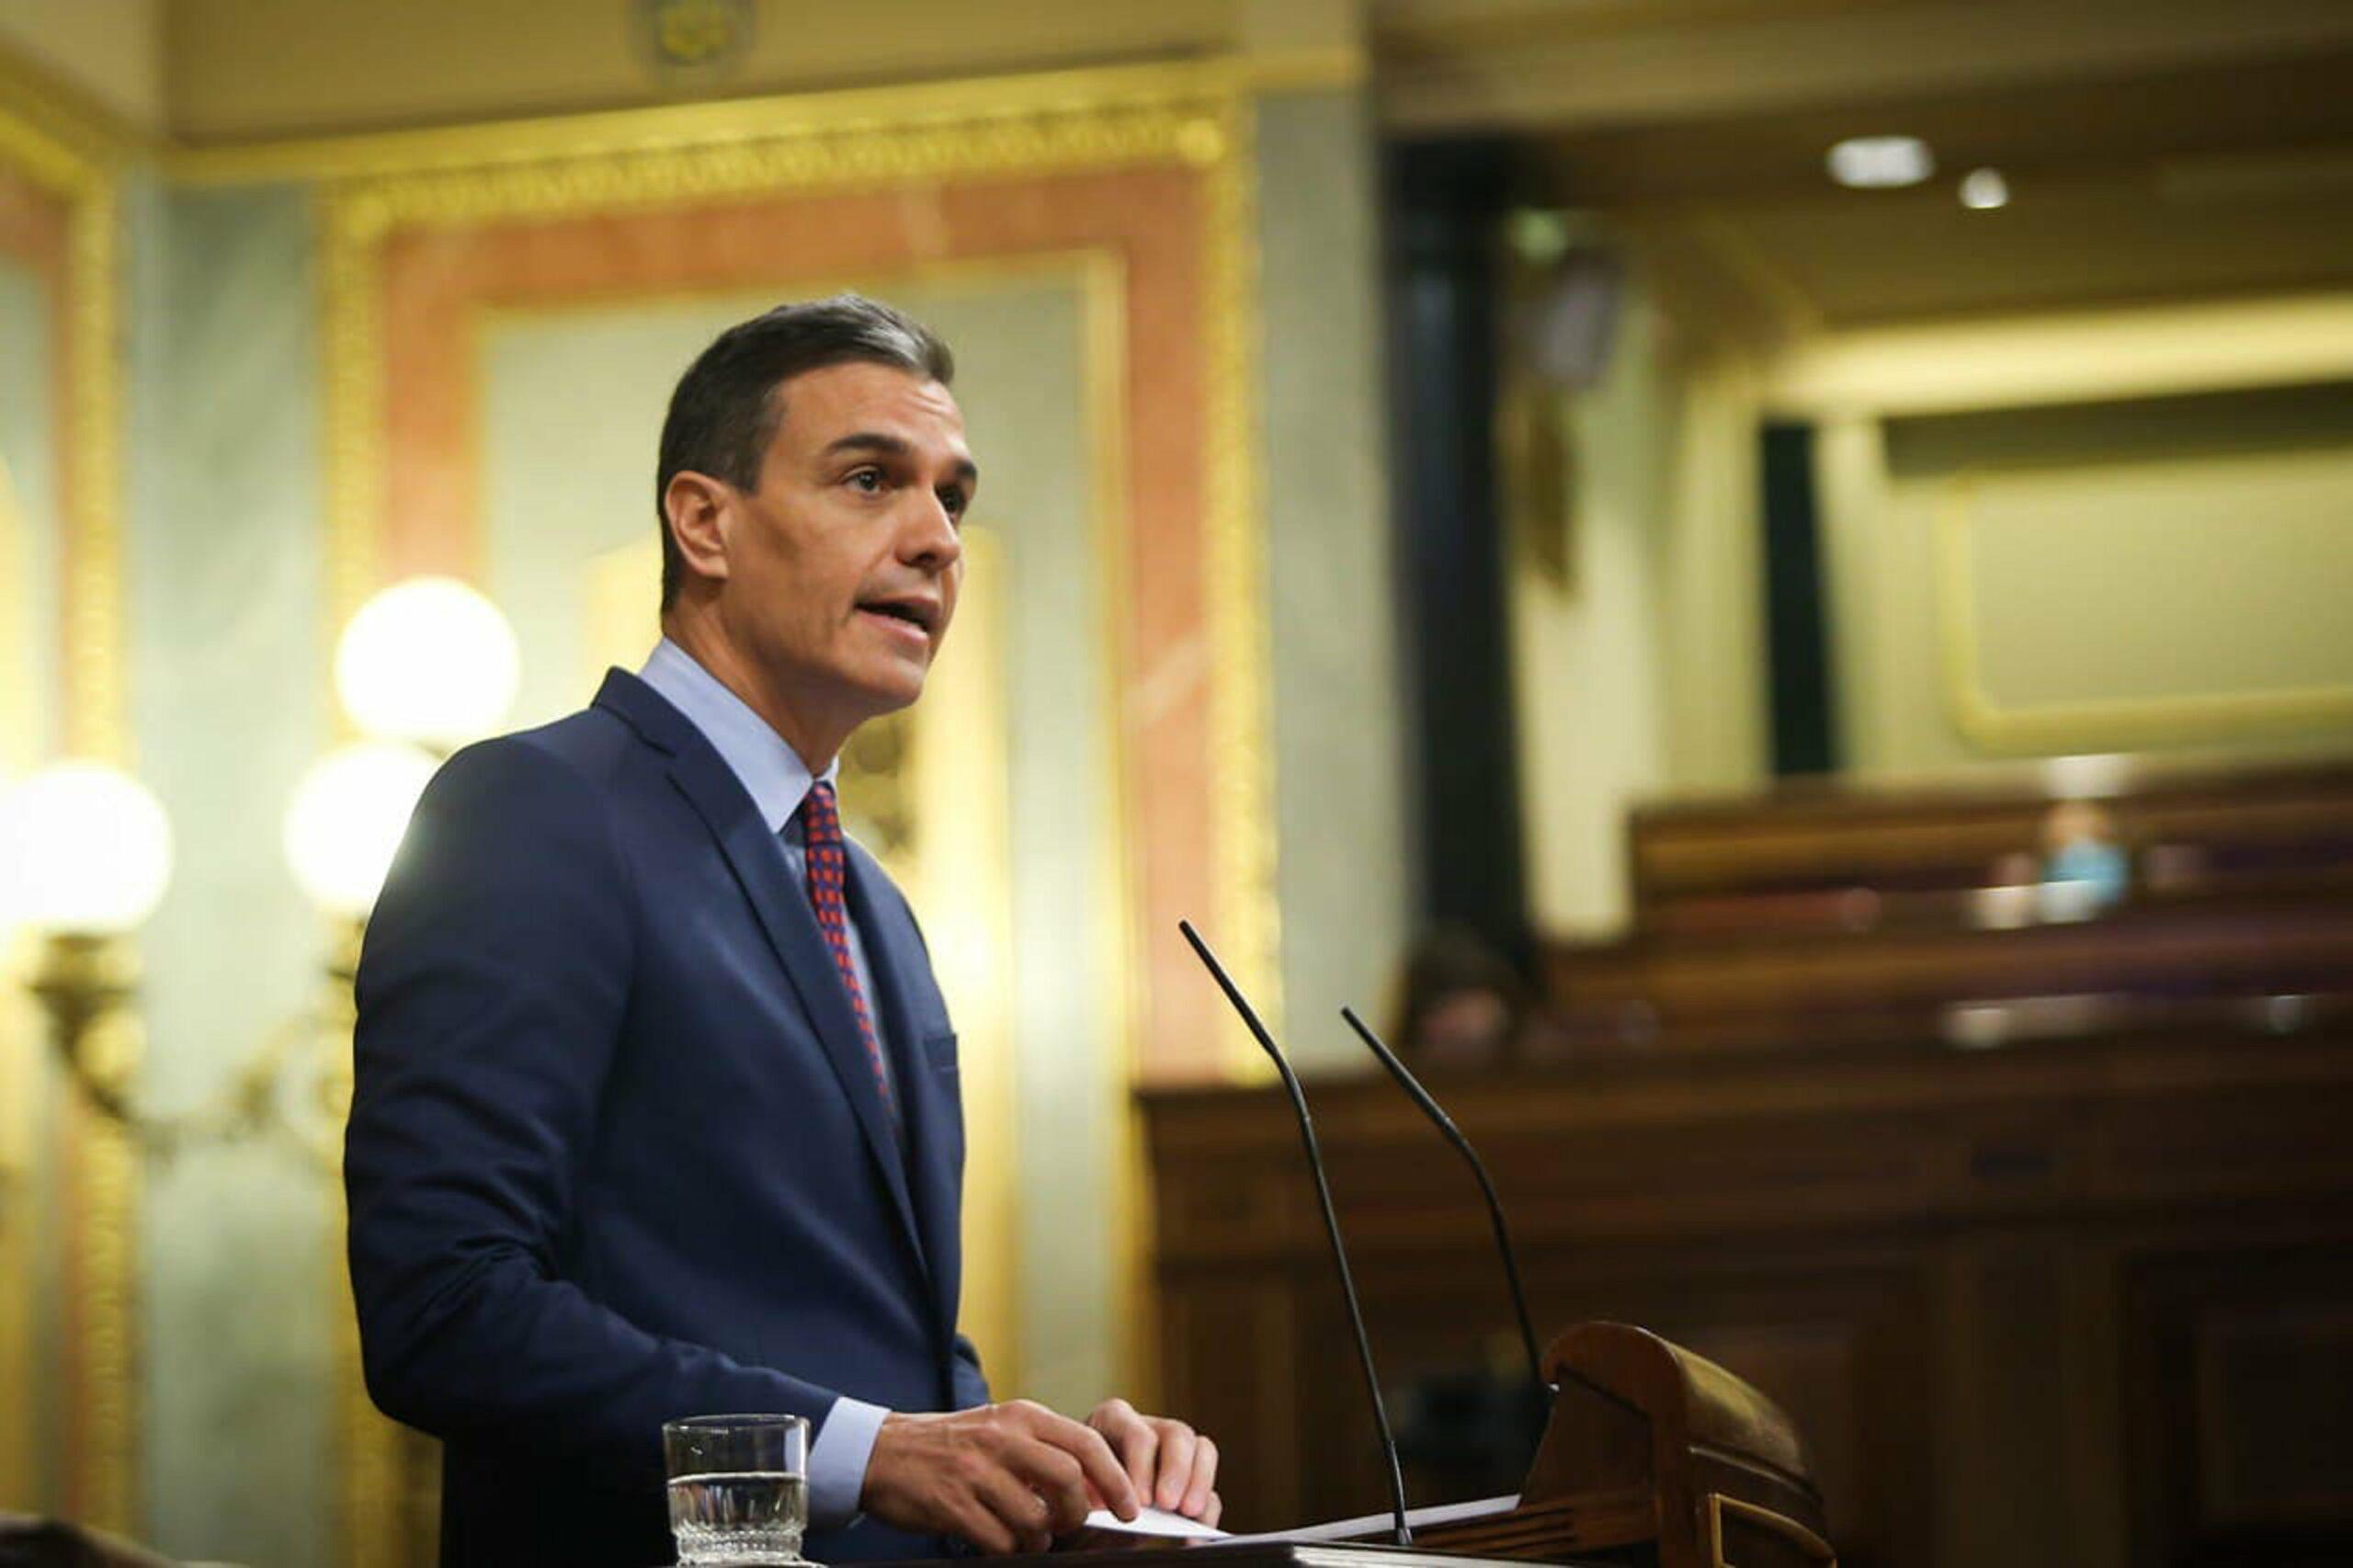 El president del govern espanyol, Pedro Sánchez, durant la compareixença al Congrés sobre l'estat d'alarma, el 16 de desembre del 2020 / ACN